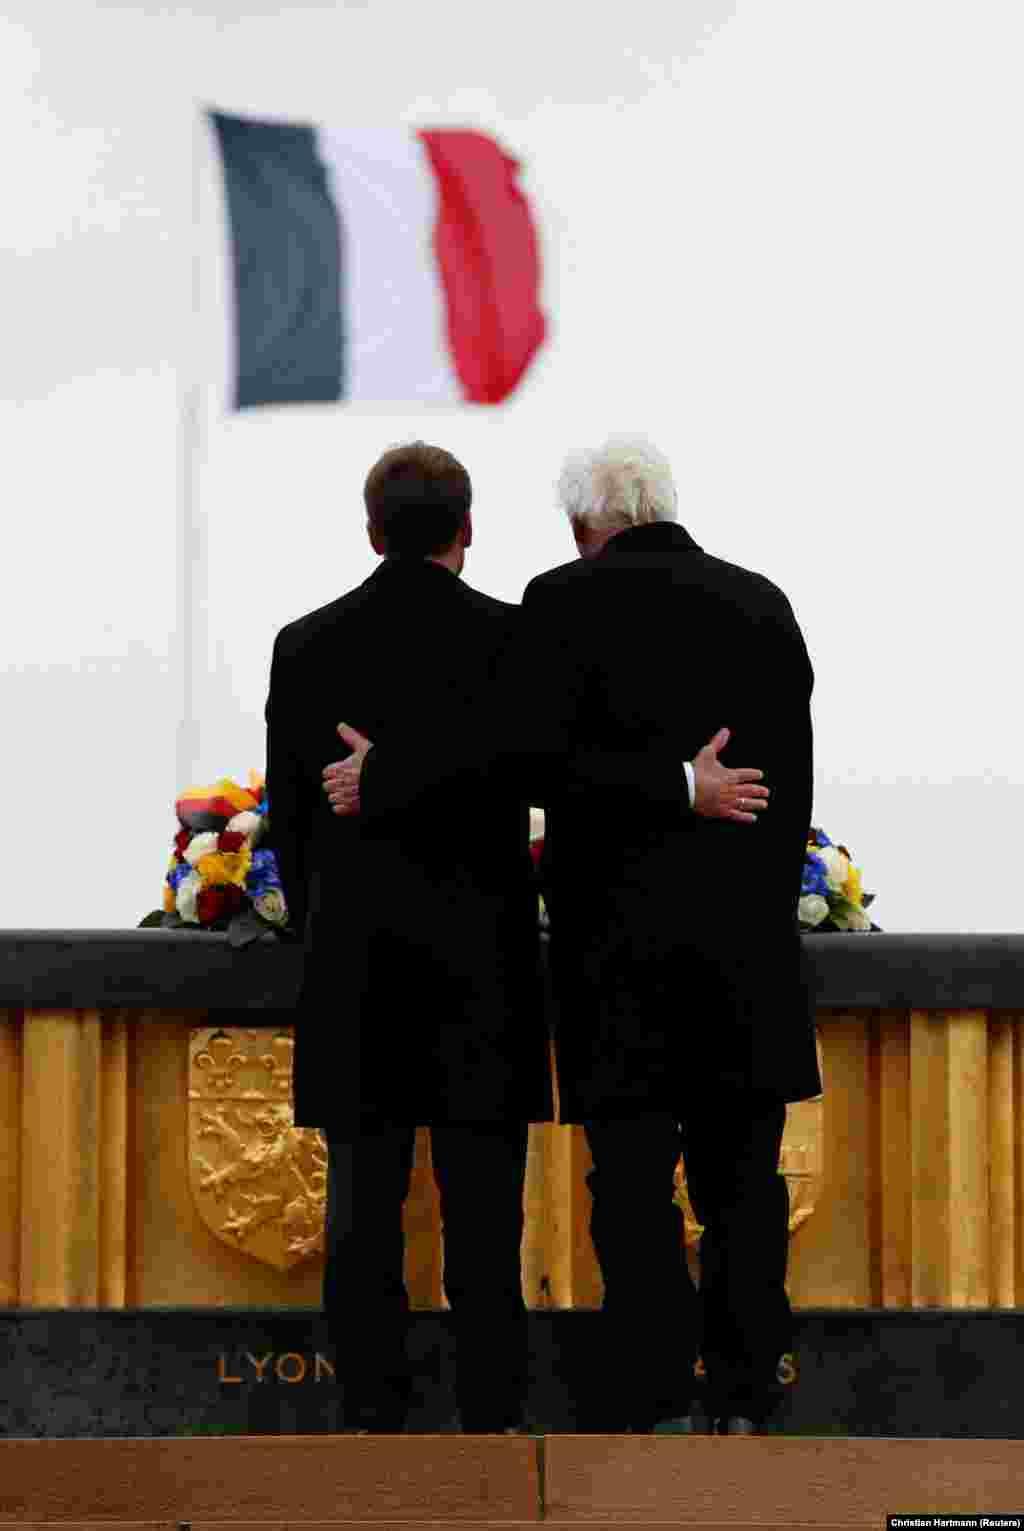 ФРАНЦИЈА - Францускиот претседател Емануел Макрон и неговиот германски колега Франк Валтер Штајнмаер прегрнати учествуваа на комеморацијата за жртвите од битката кај Хартмансвилеркоф, за време на Првата светска војна кога Германија и Франција војувале една против друга.